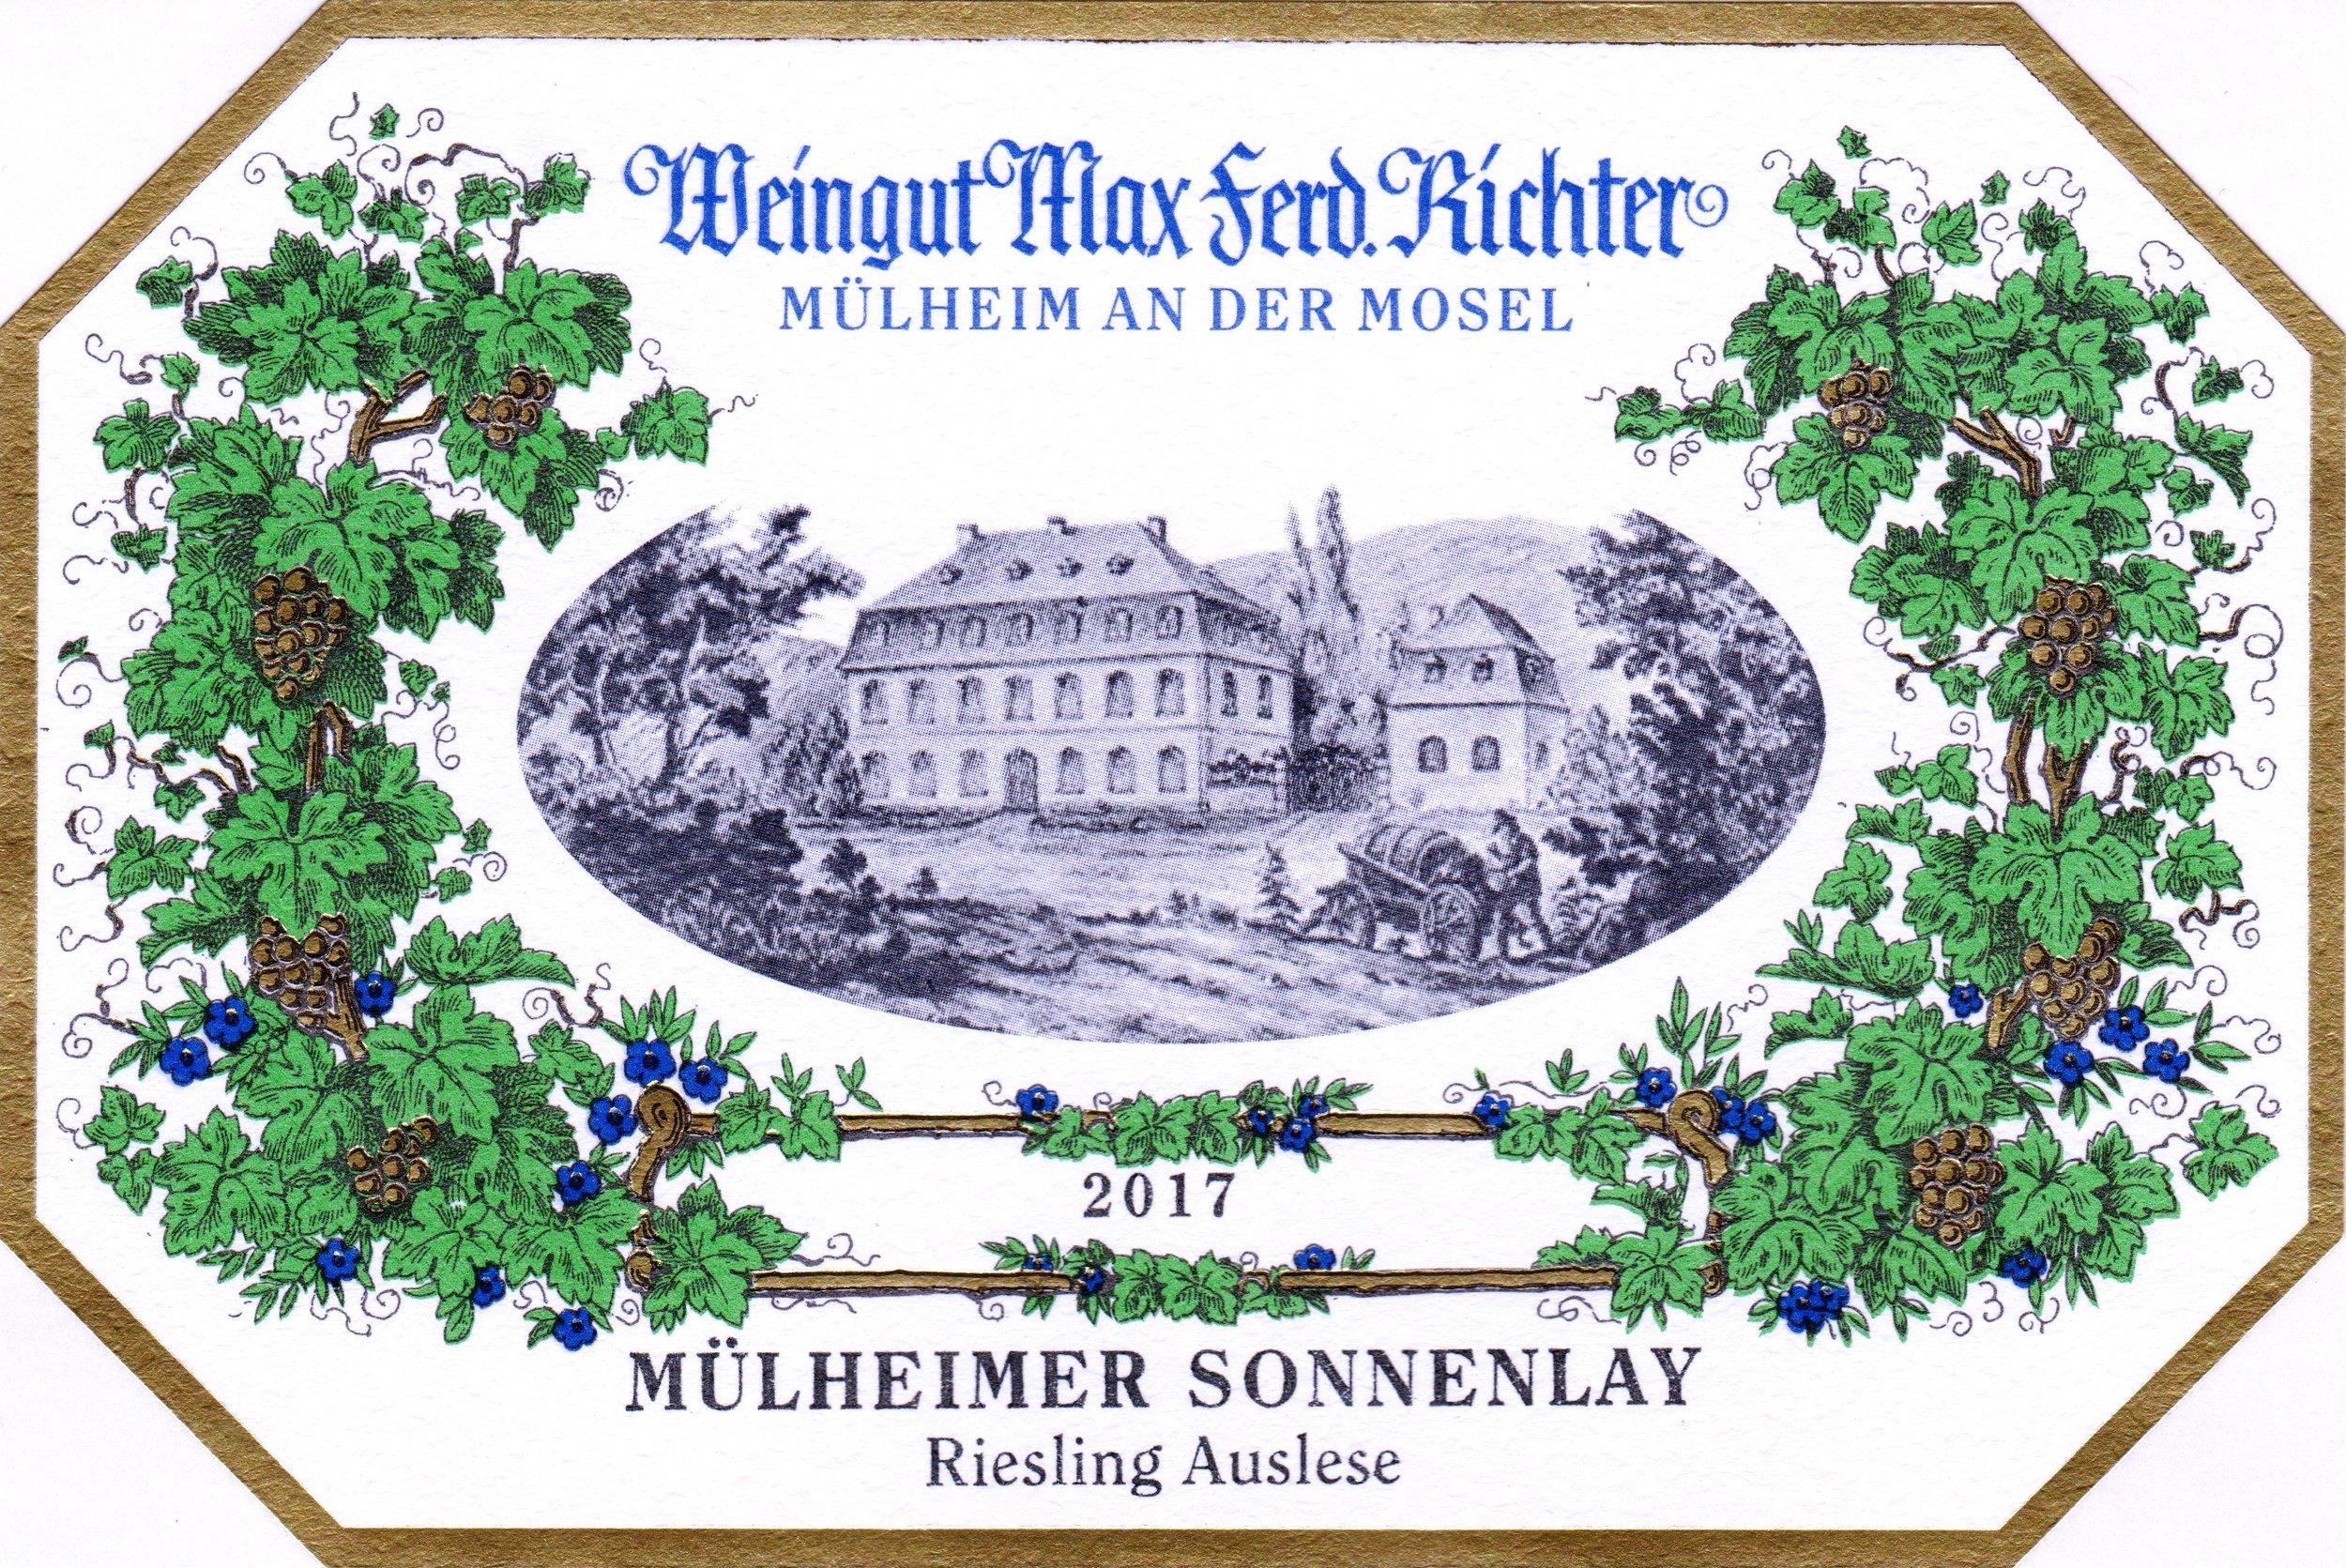 2017 Mülheimer Sonnenlay Auslese.jpg